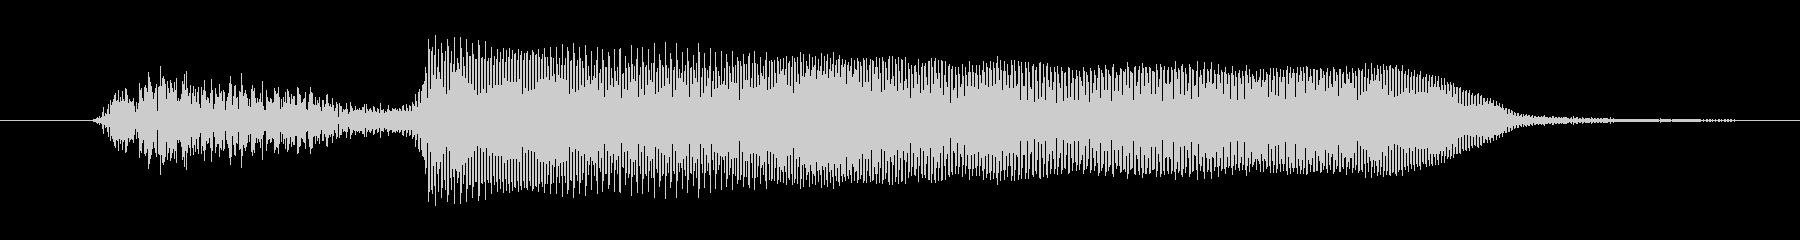 リトルレッドモンスター:Tの未再生の波形